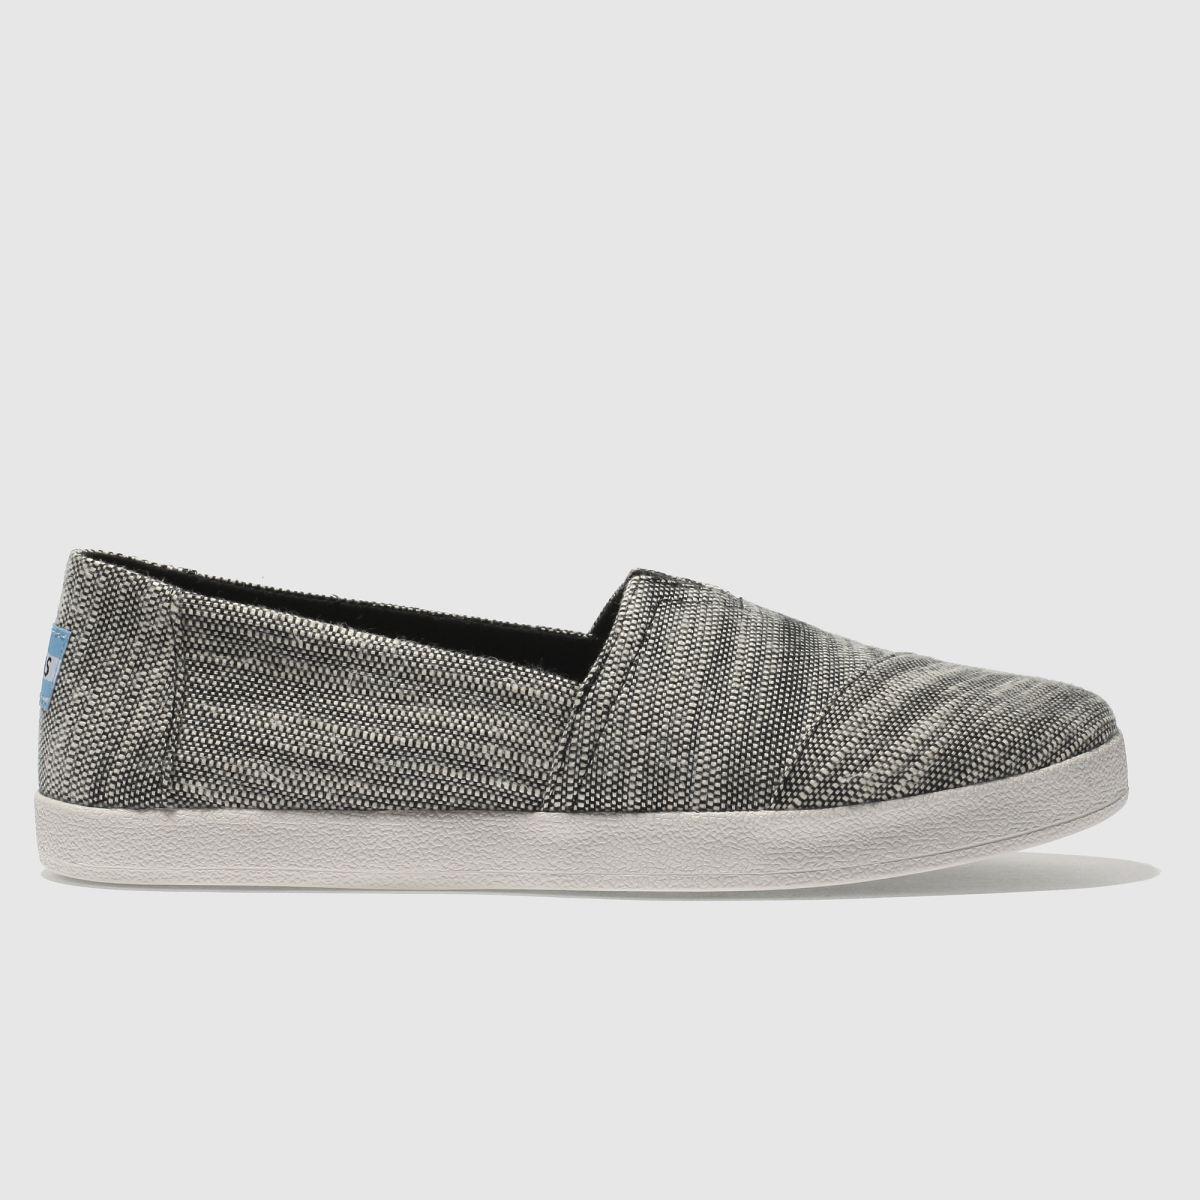 Toms Black & White Avalon Flat Shoes